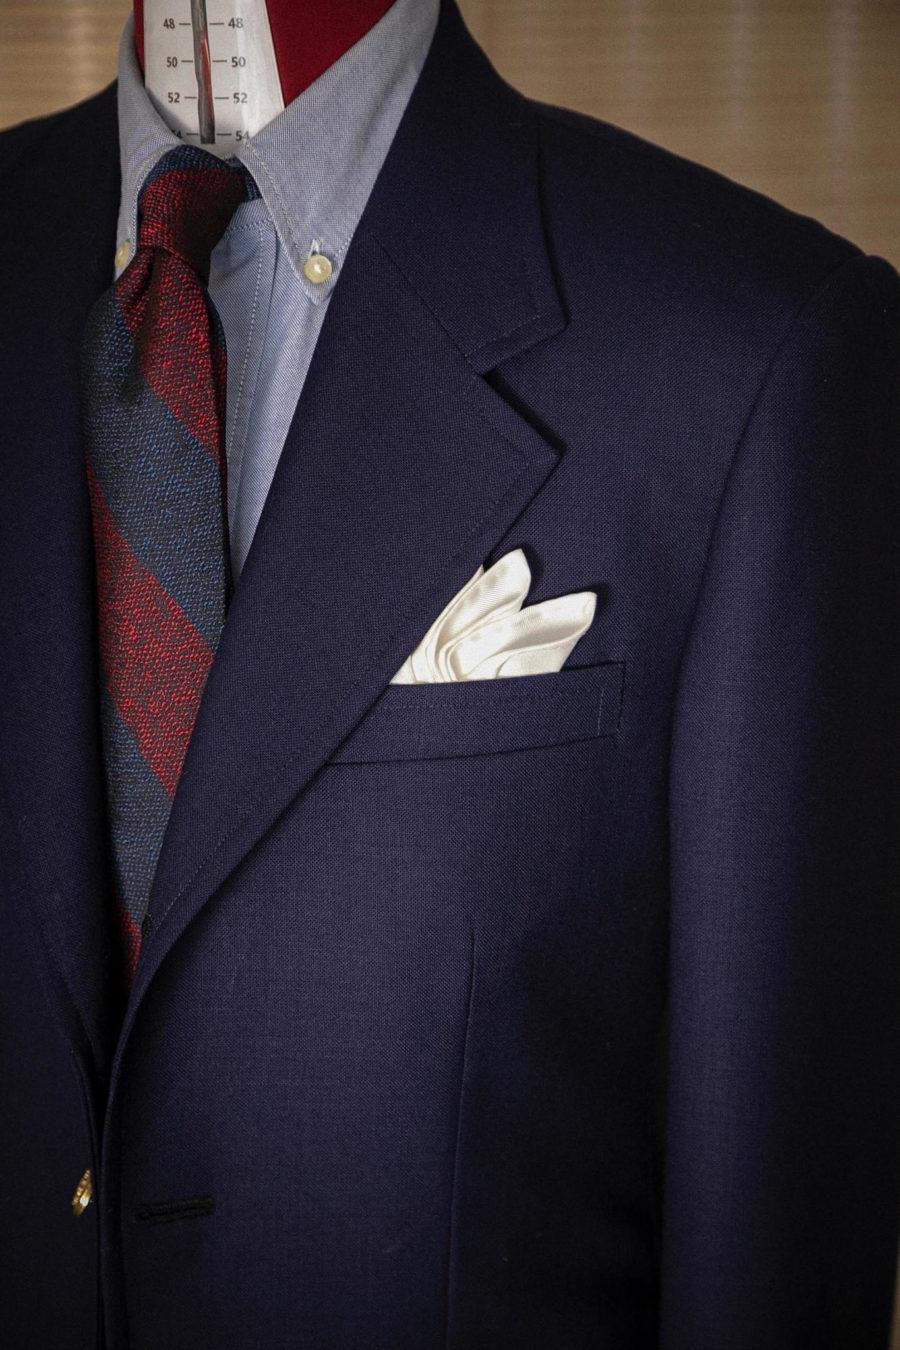 西裝外套胸前放的白色餐巾是什麼?Mr. Edison來教您擁有西裝時尚品味風格